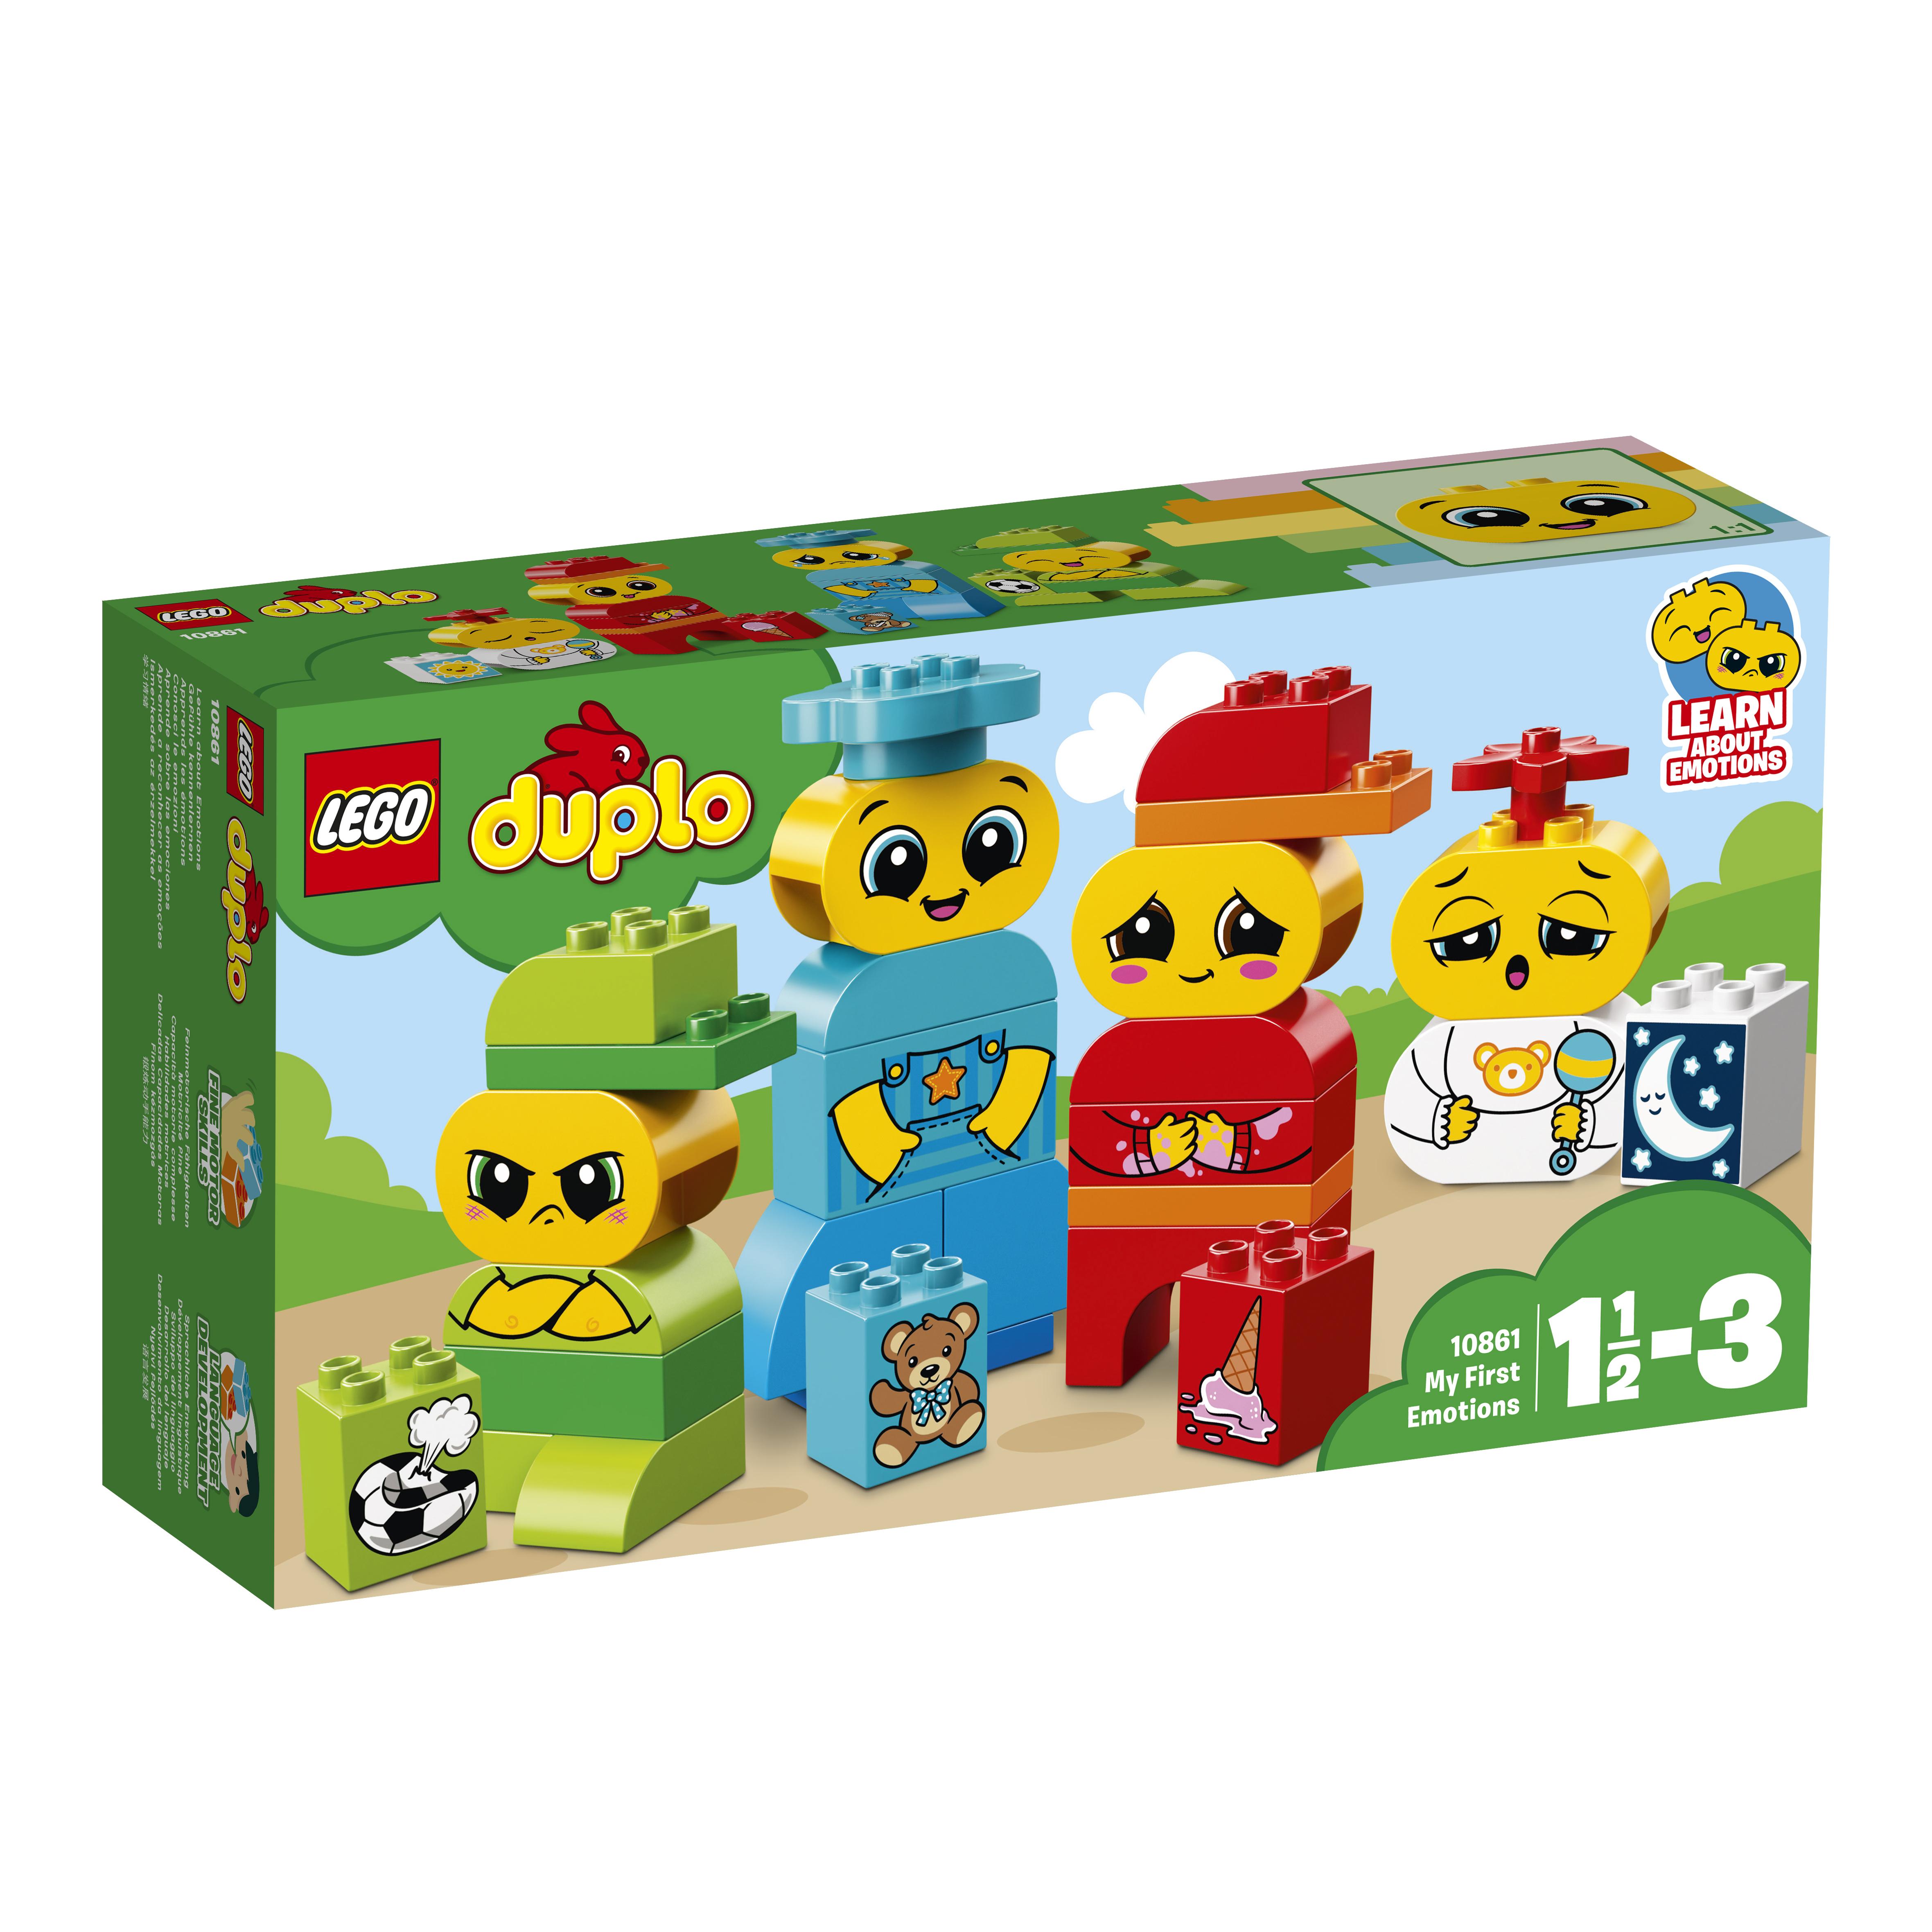 Конструктор LEGO DUPLO My First 10861 Мои первые эмоции lego duplo my first основные элементы lego® duplo®